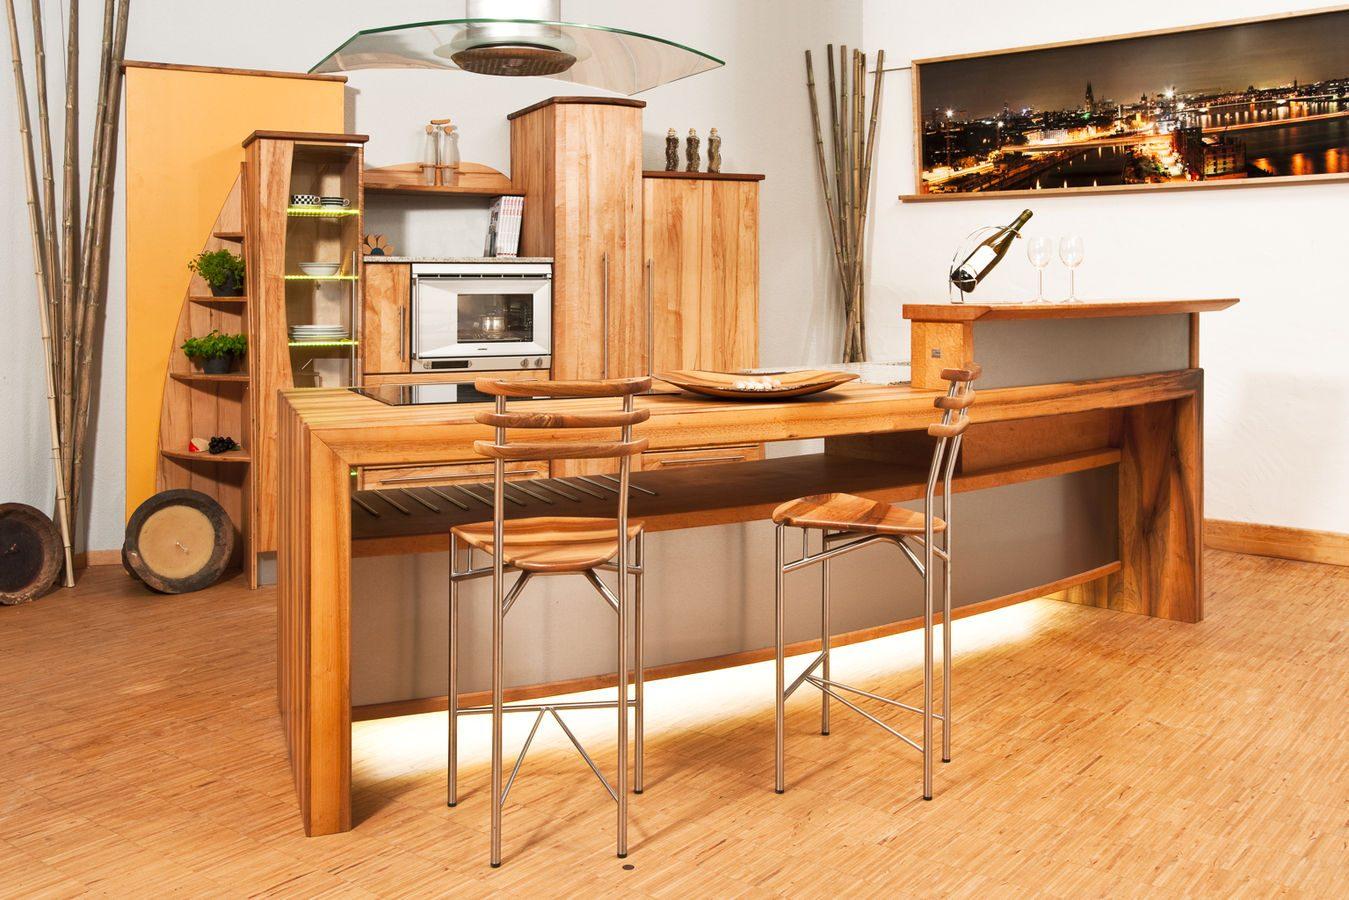 Muebles Rusticos Modernos Madera Cheap Vajillero Aparador